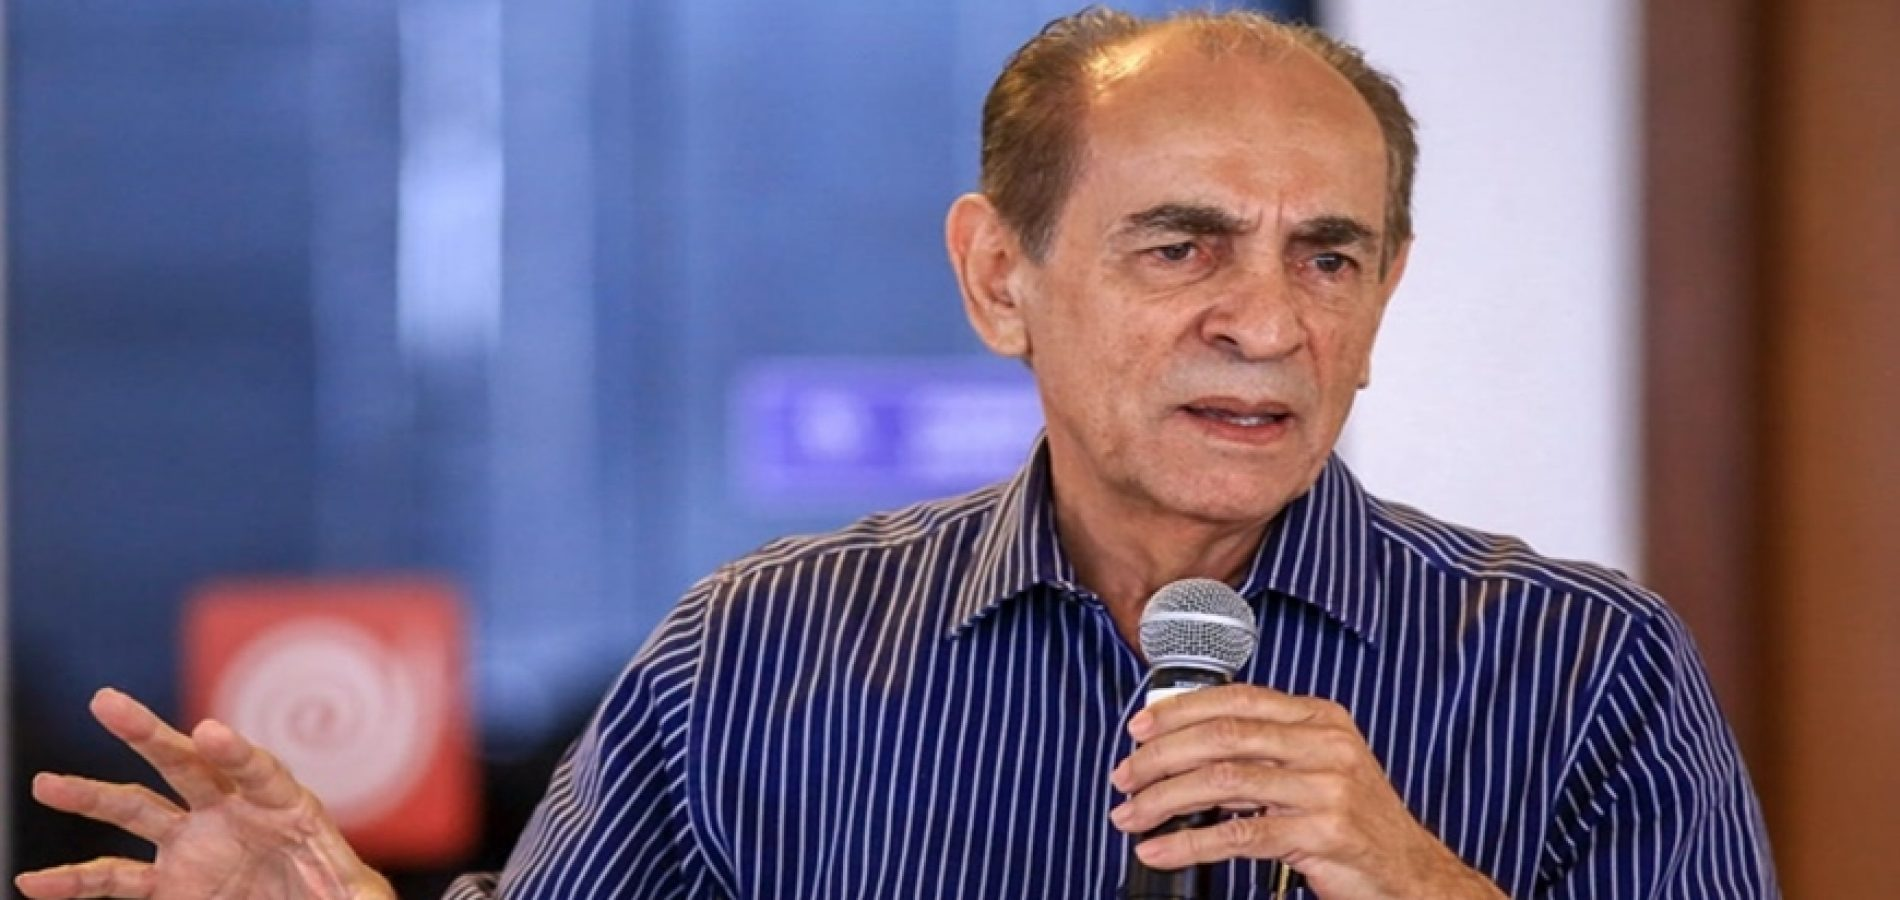 Marcelo diz ser improvável um partido indicar mais de uma vaga em 2022